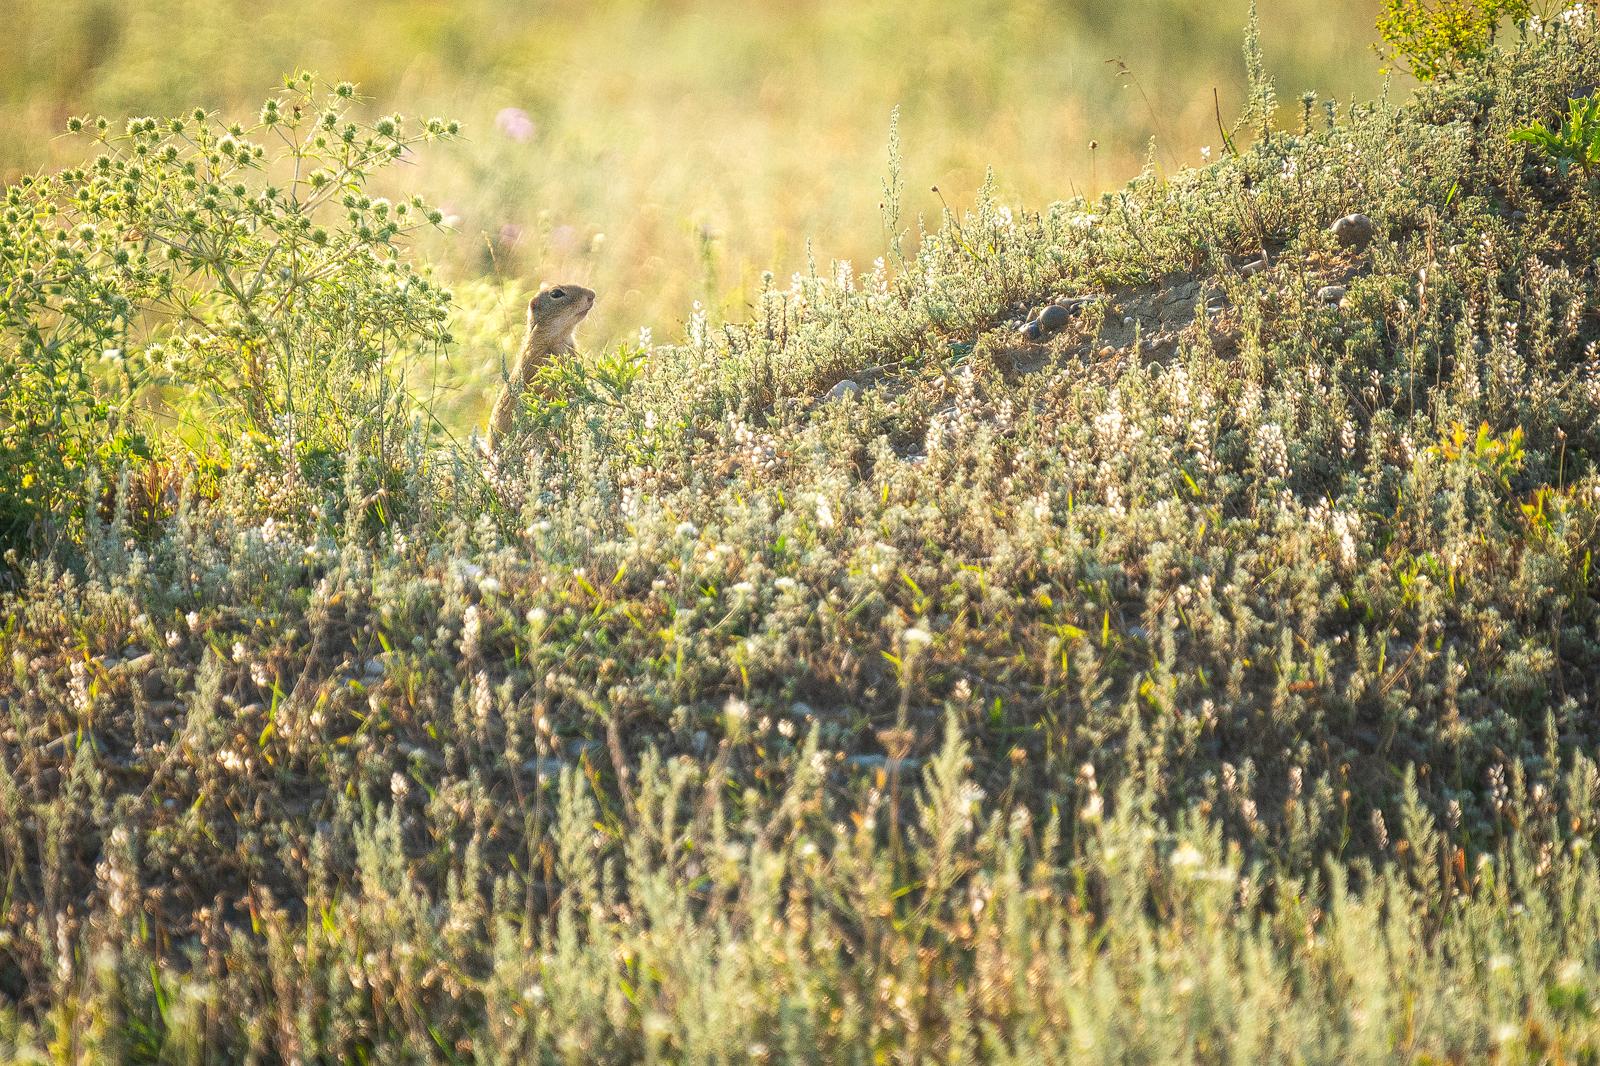 Wildlife - Photo 7